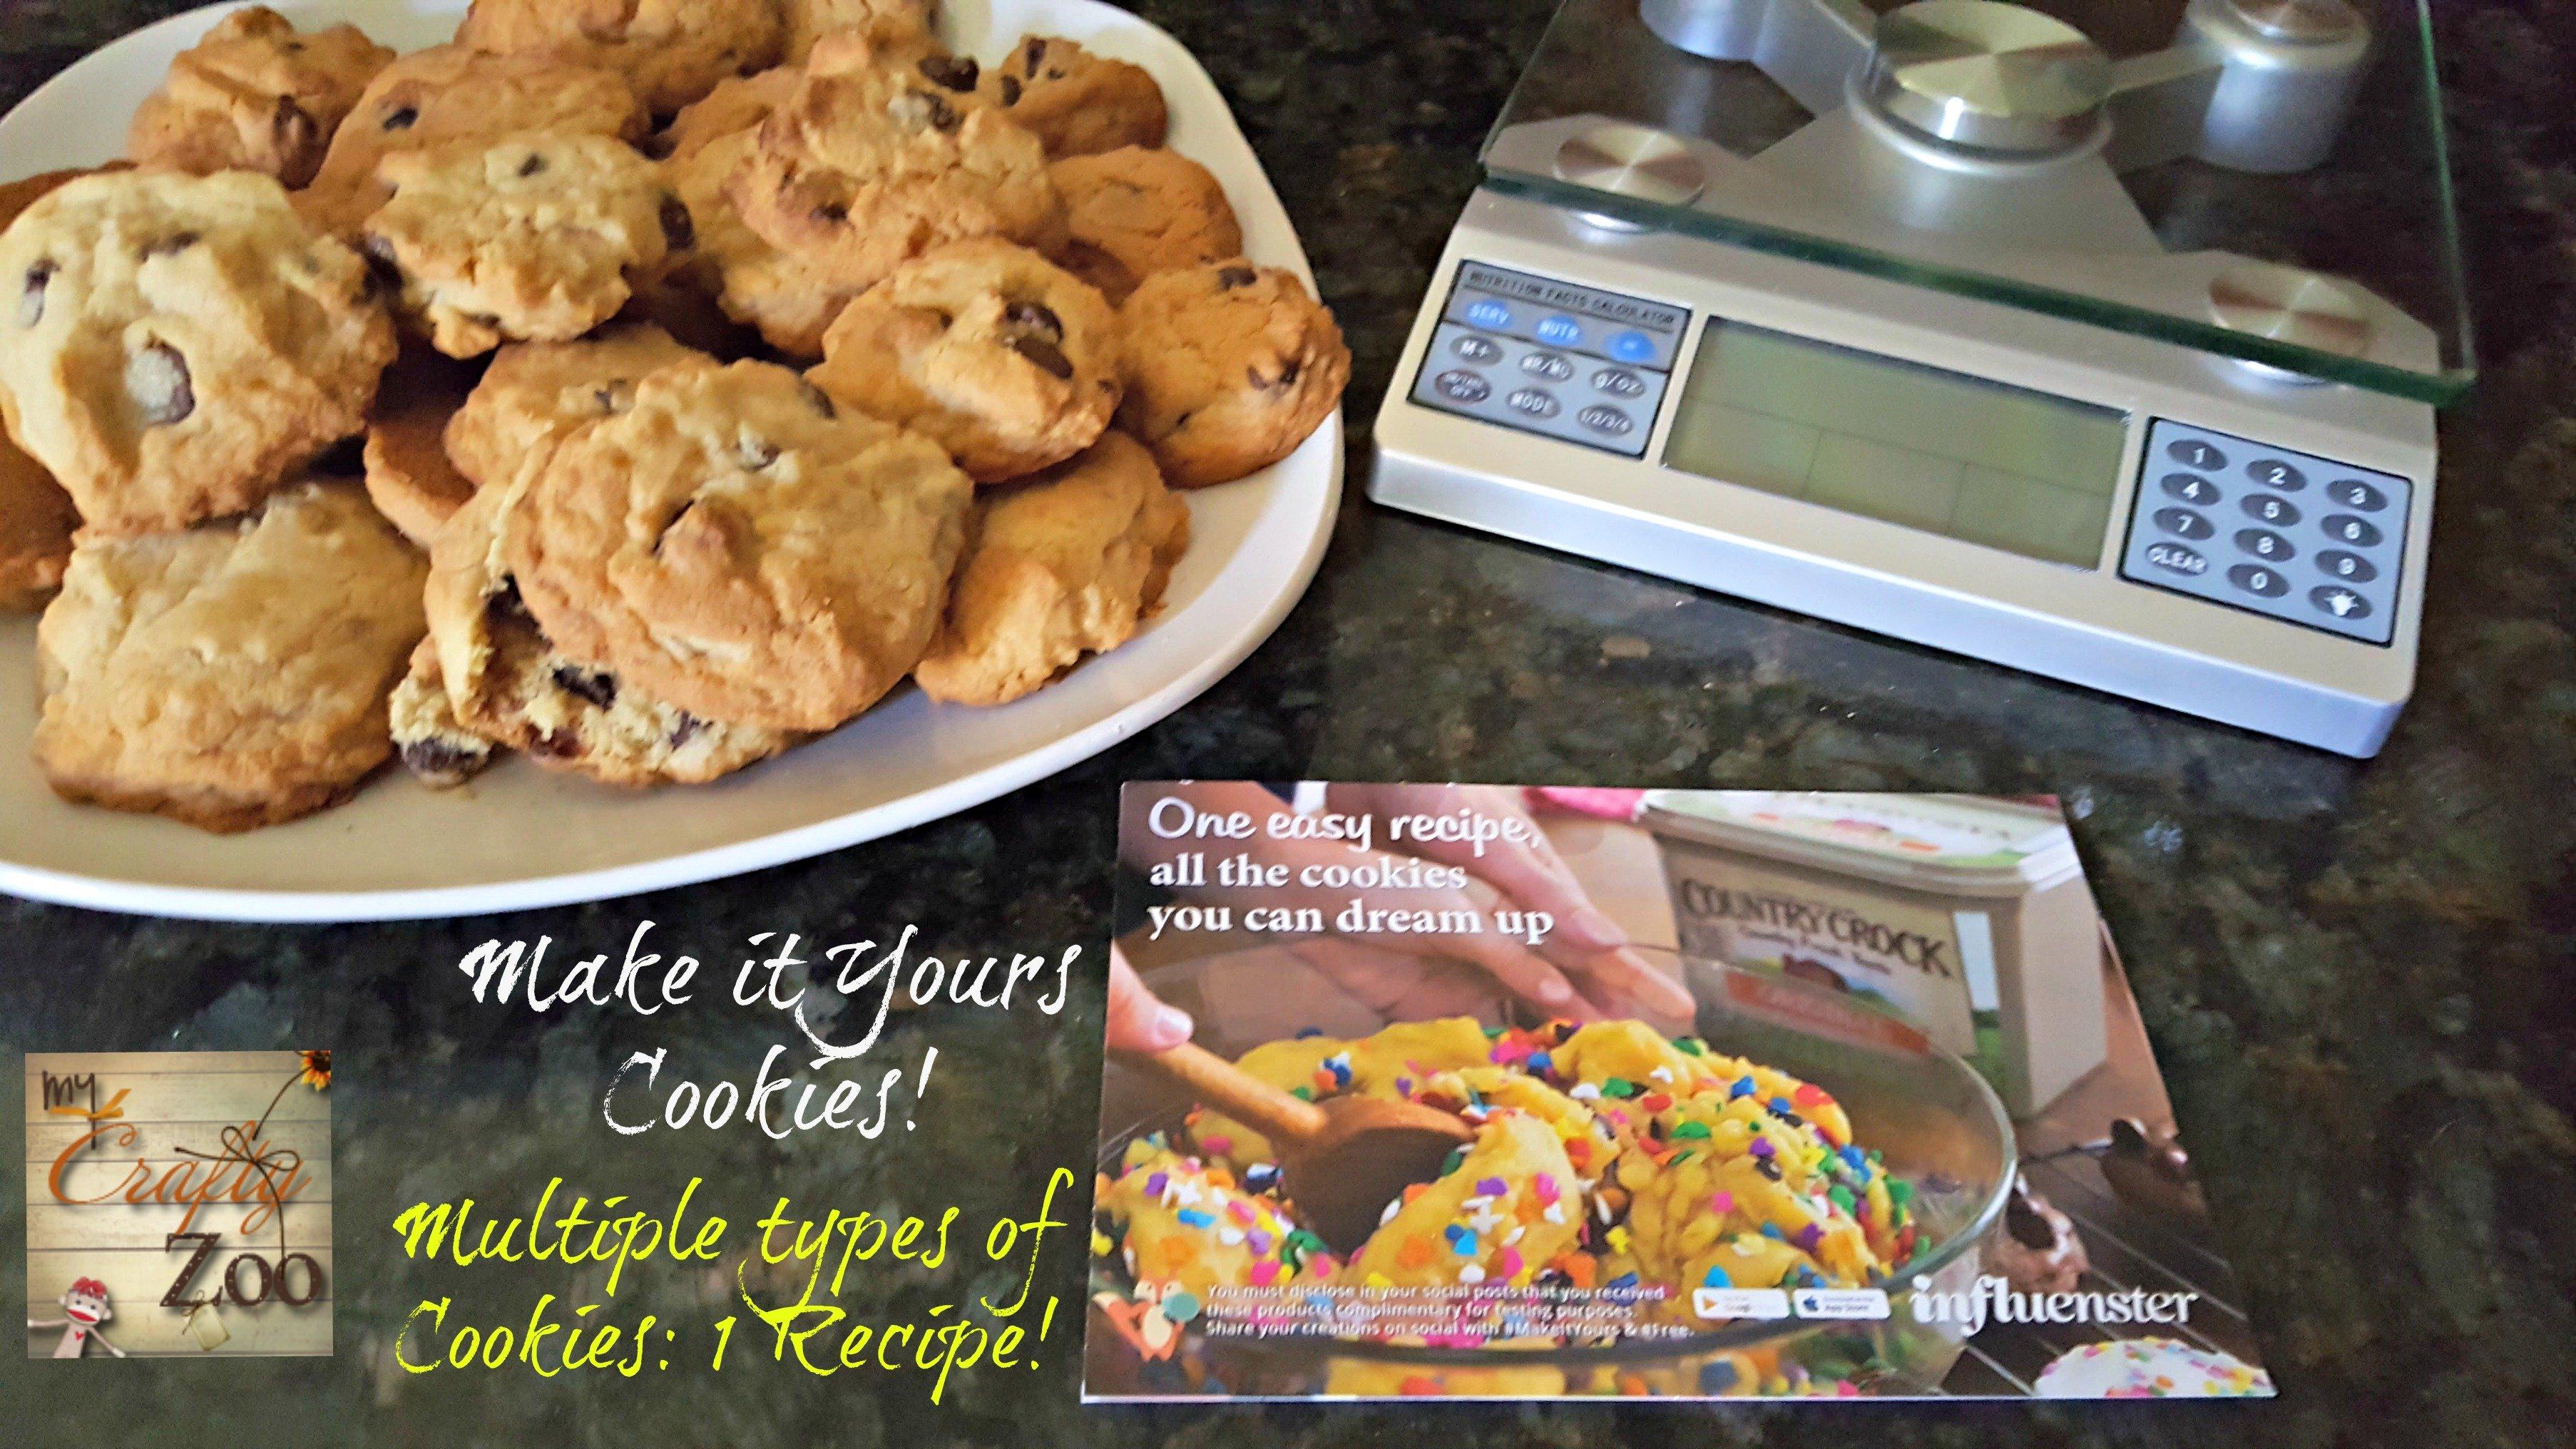 7+ Cookies: 1 Mix! #MakeItYours #EatSmart